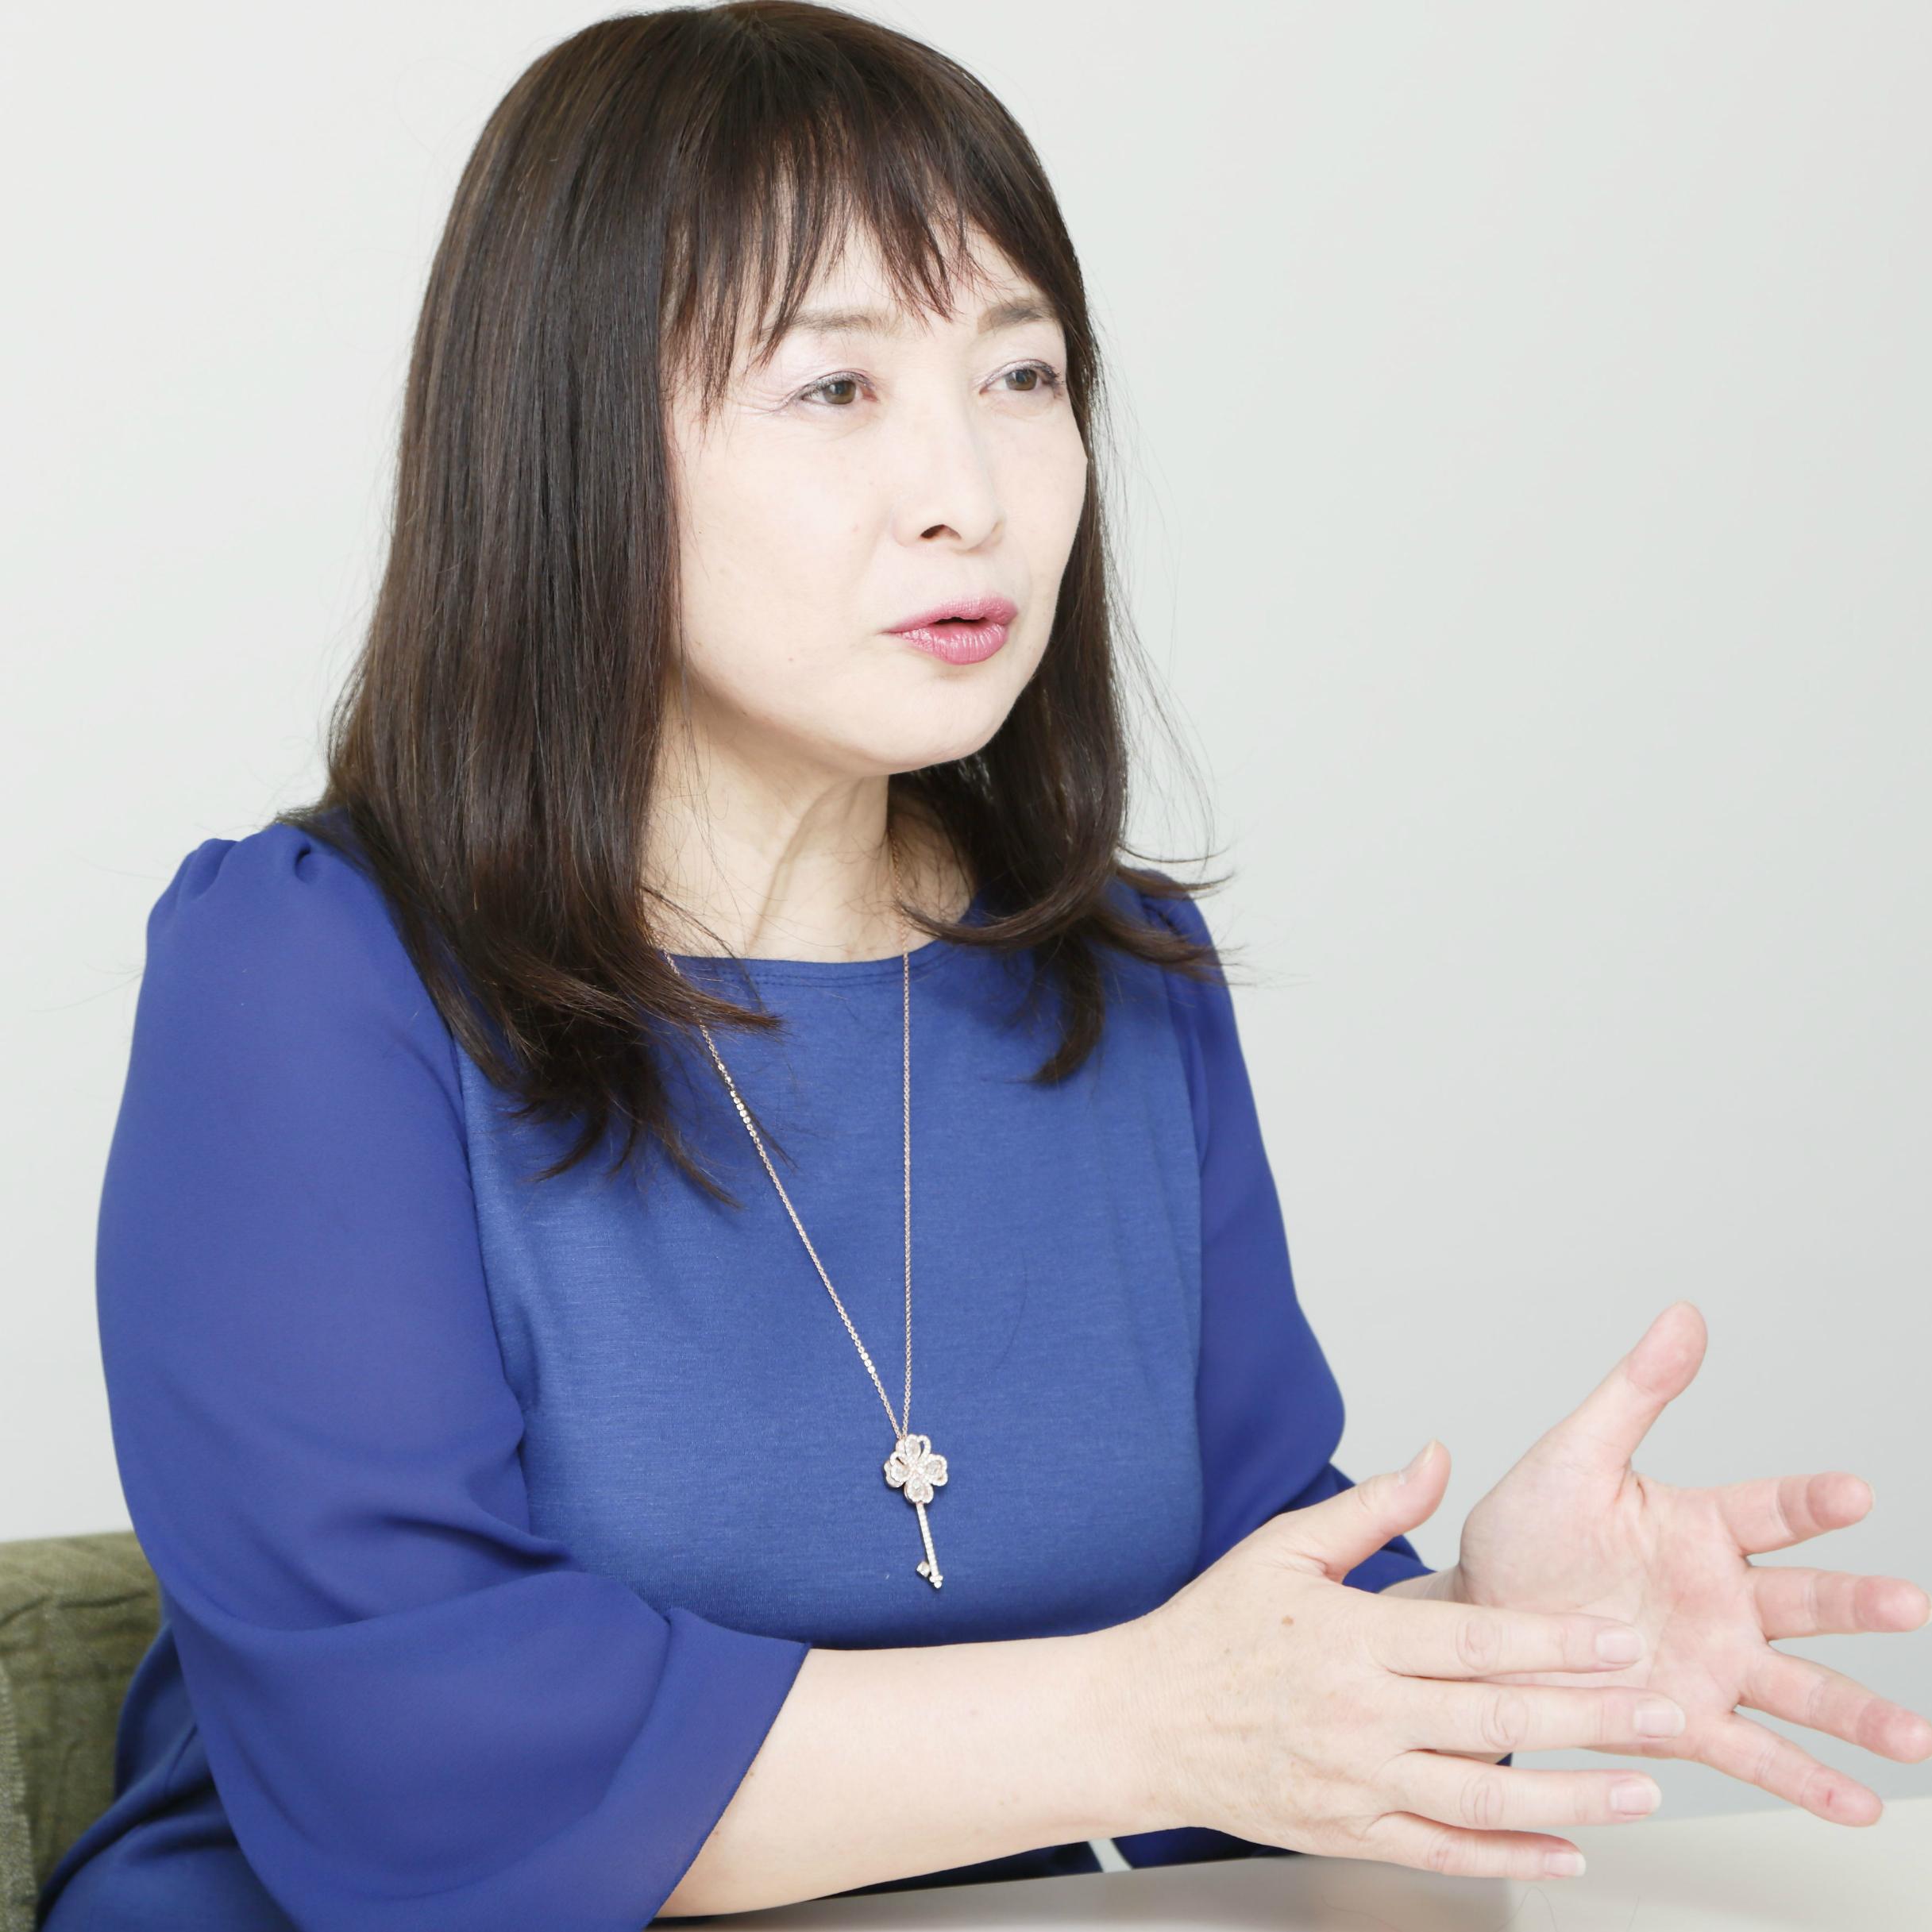 やっぱり家庭が9割。「灘⇒東大理3」の母・佐藤ママが2年間の教師経験を経て気づいたこと